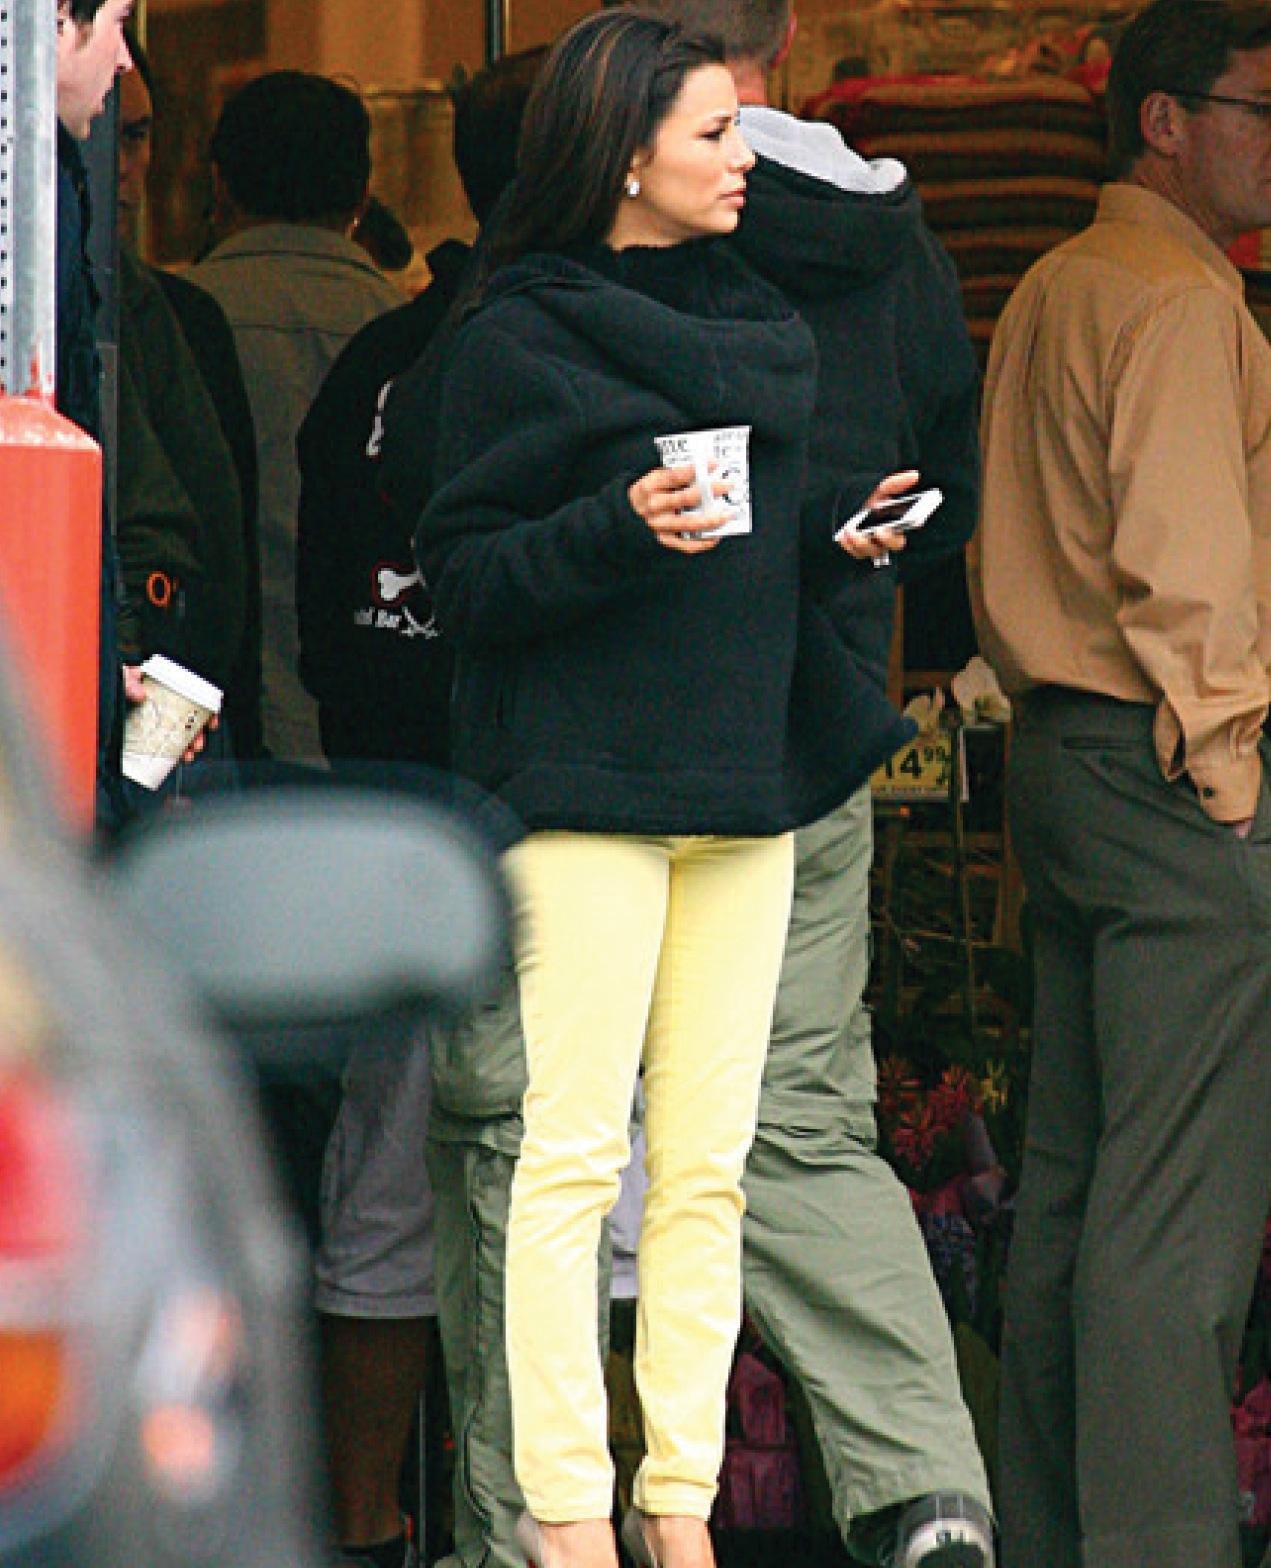 http://2.bp.blogspot.com/-4Wf3rGEZrDw/T5A8dcODr-I/AAAAAAAACe0/Zkprp1SSIWA/s1600/Eva_Longoria_in_Hudson_Nico_Super_Skinny_Colored_Jeans_in_Lemon_Yellow.jpg